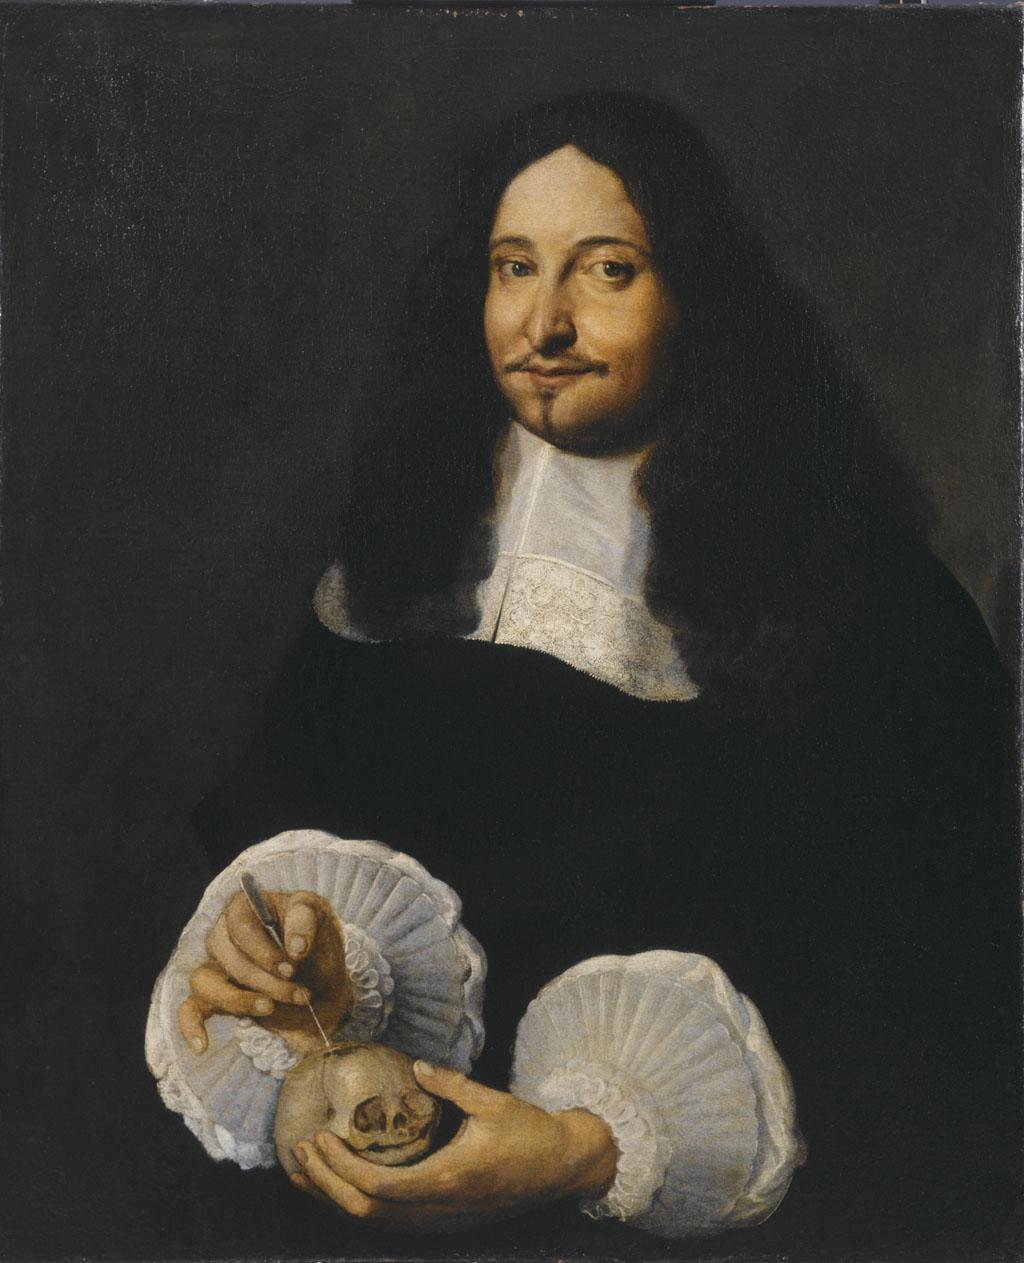 Marcello Malpighi, mikroskobik anatominin kurucusu, modern histoloji ve embriyolojinin öncüsü (DY-1628) tarihte bugün